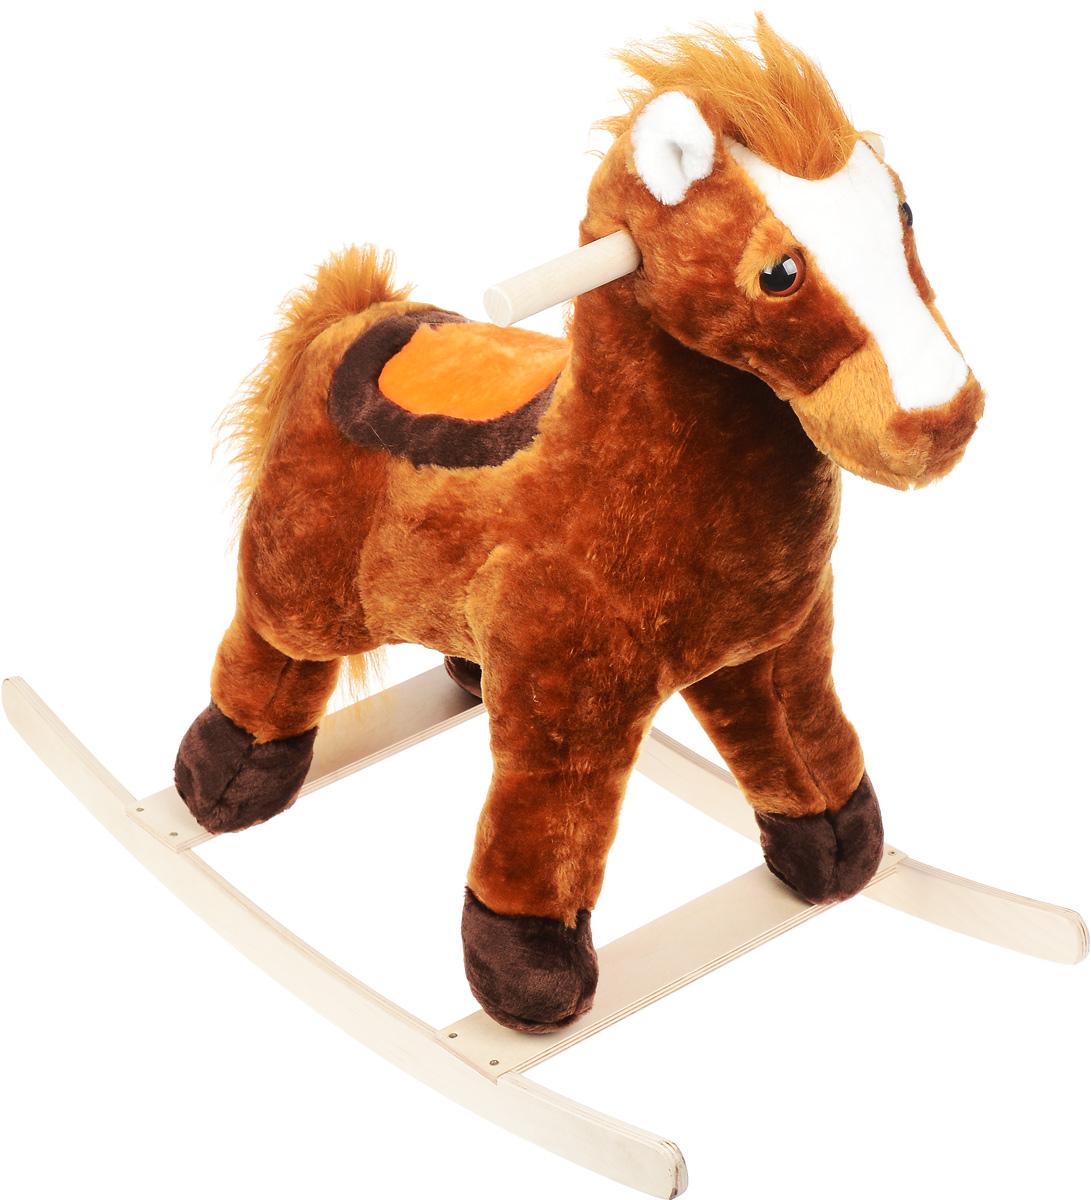 СмолТойс Игрушка-качалка Лошадь цвет коричневый -  Качалки